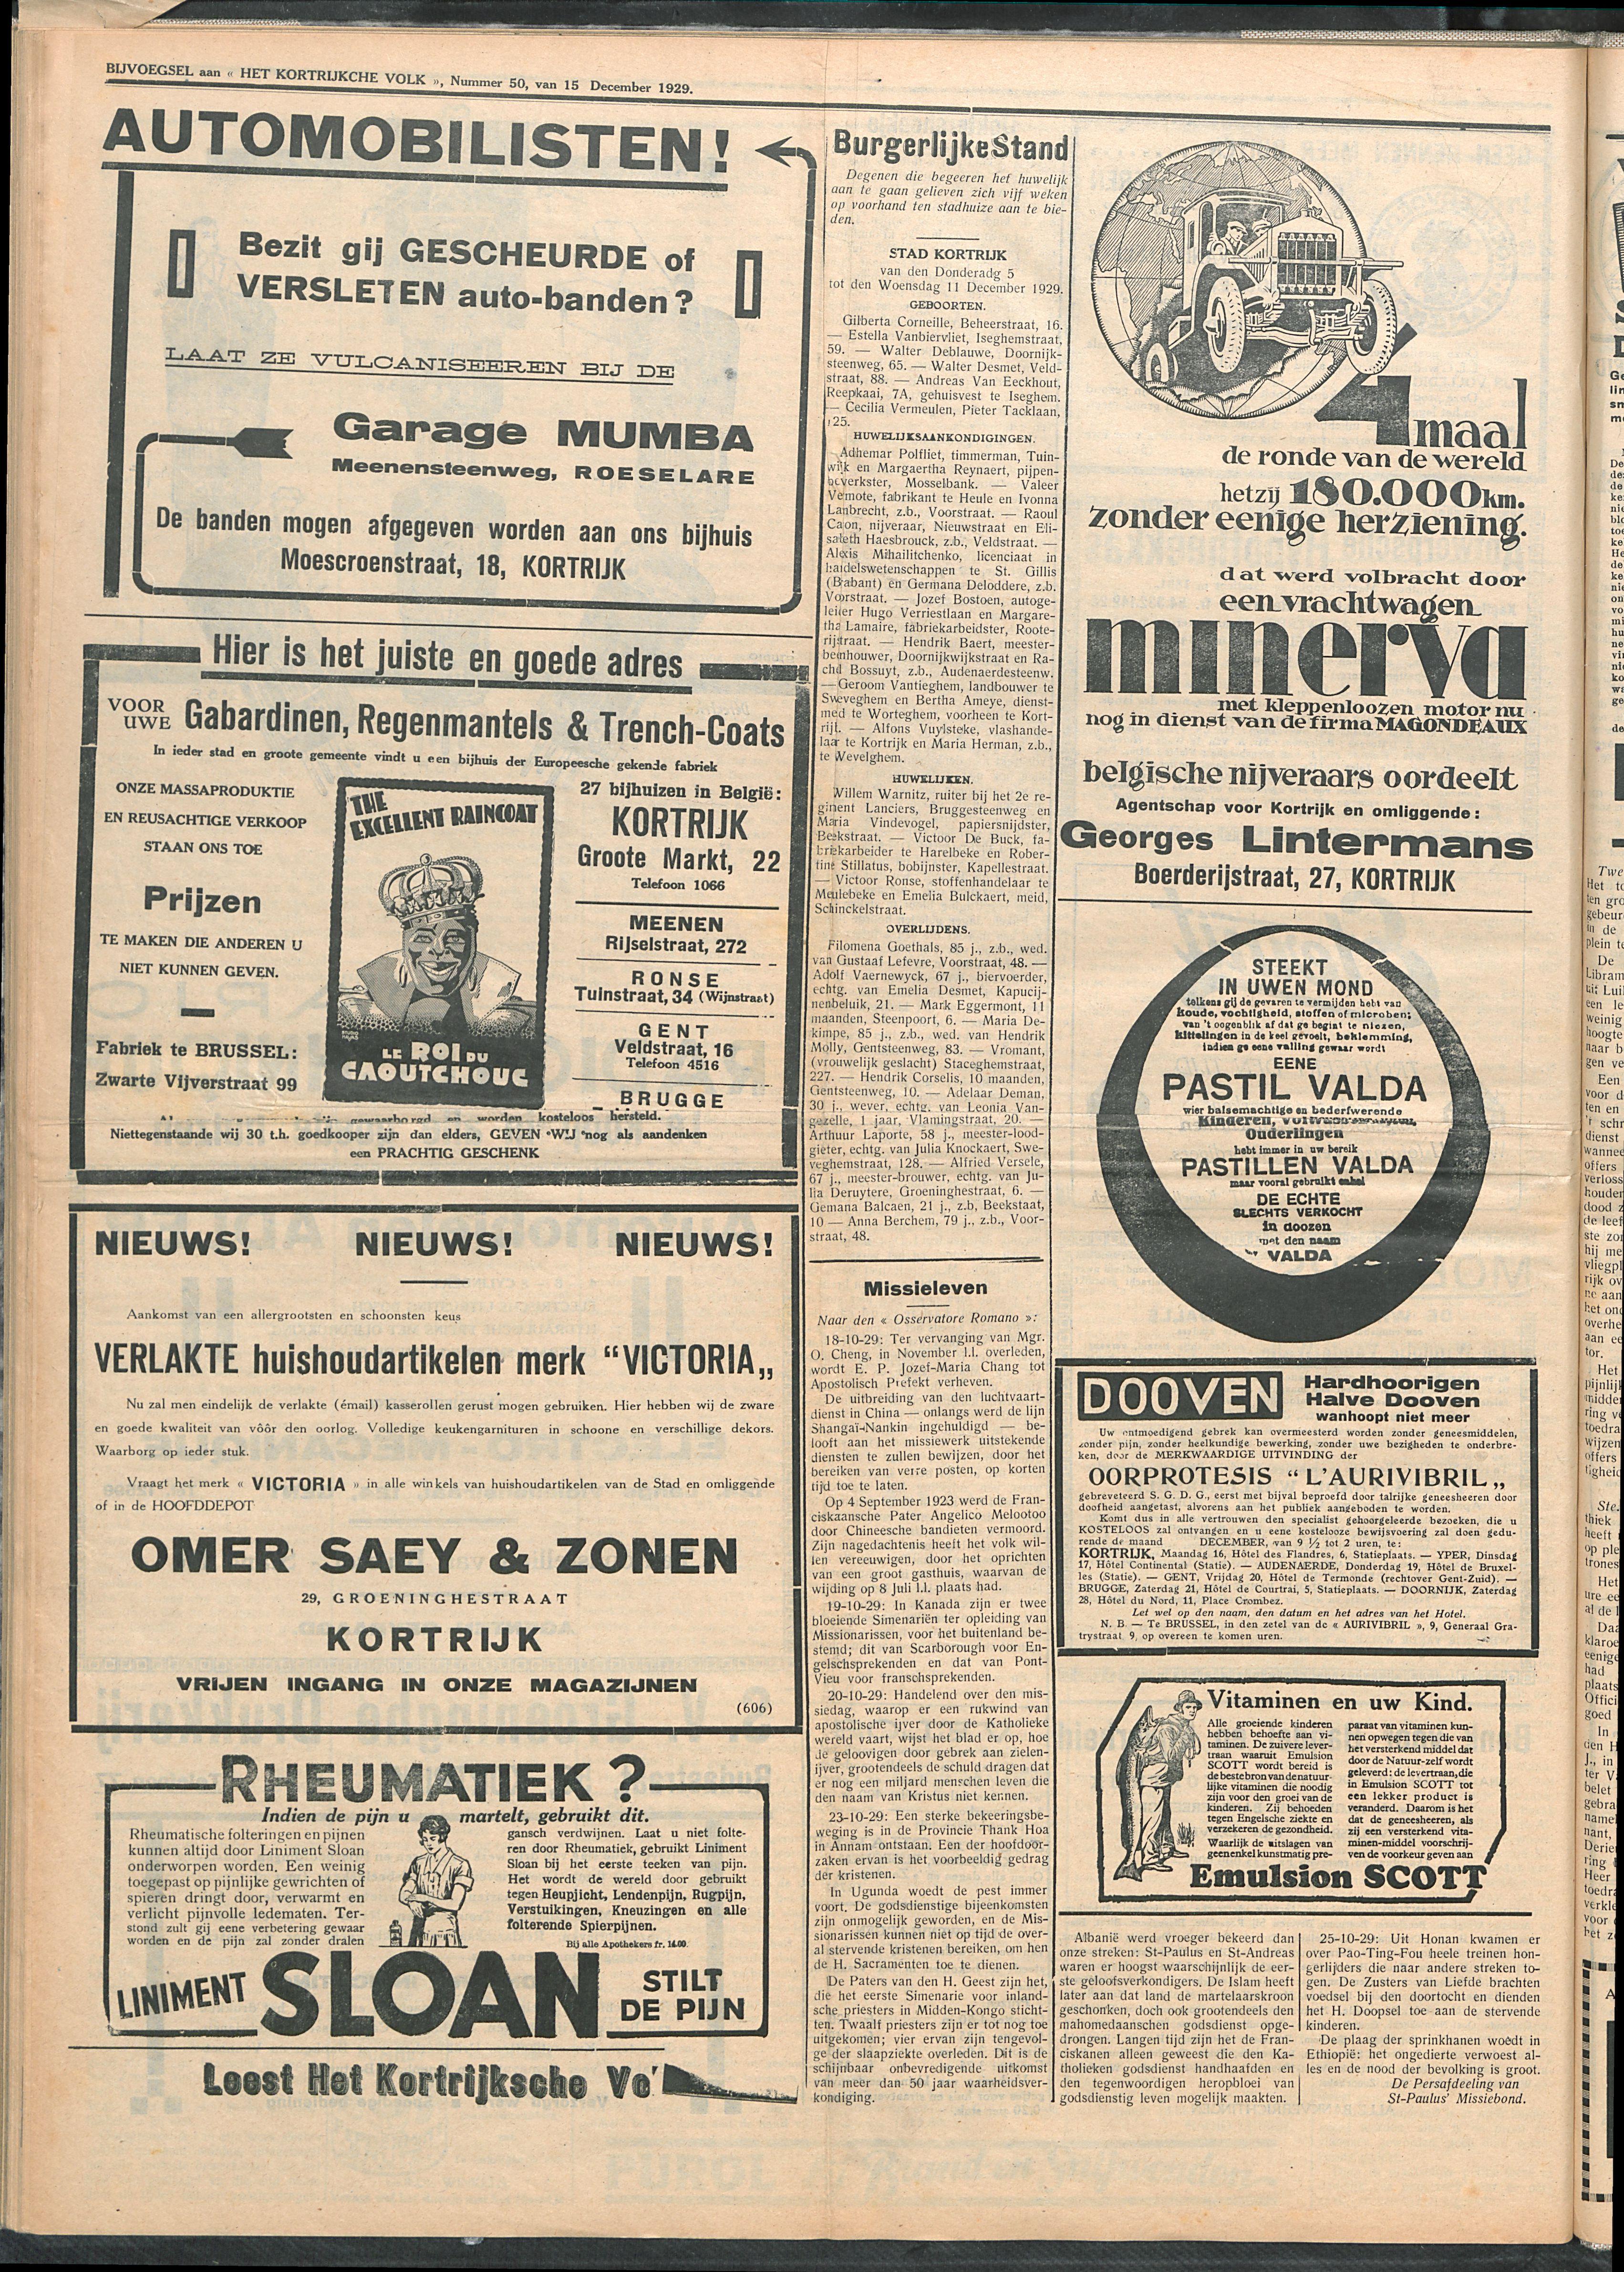 Het Kortrijksche Volk 1929-12-15 p4